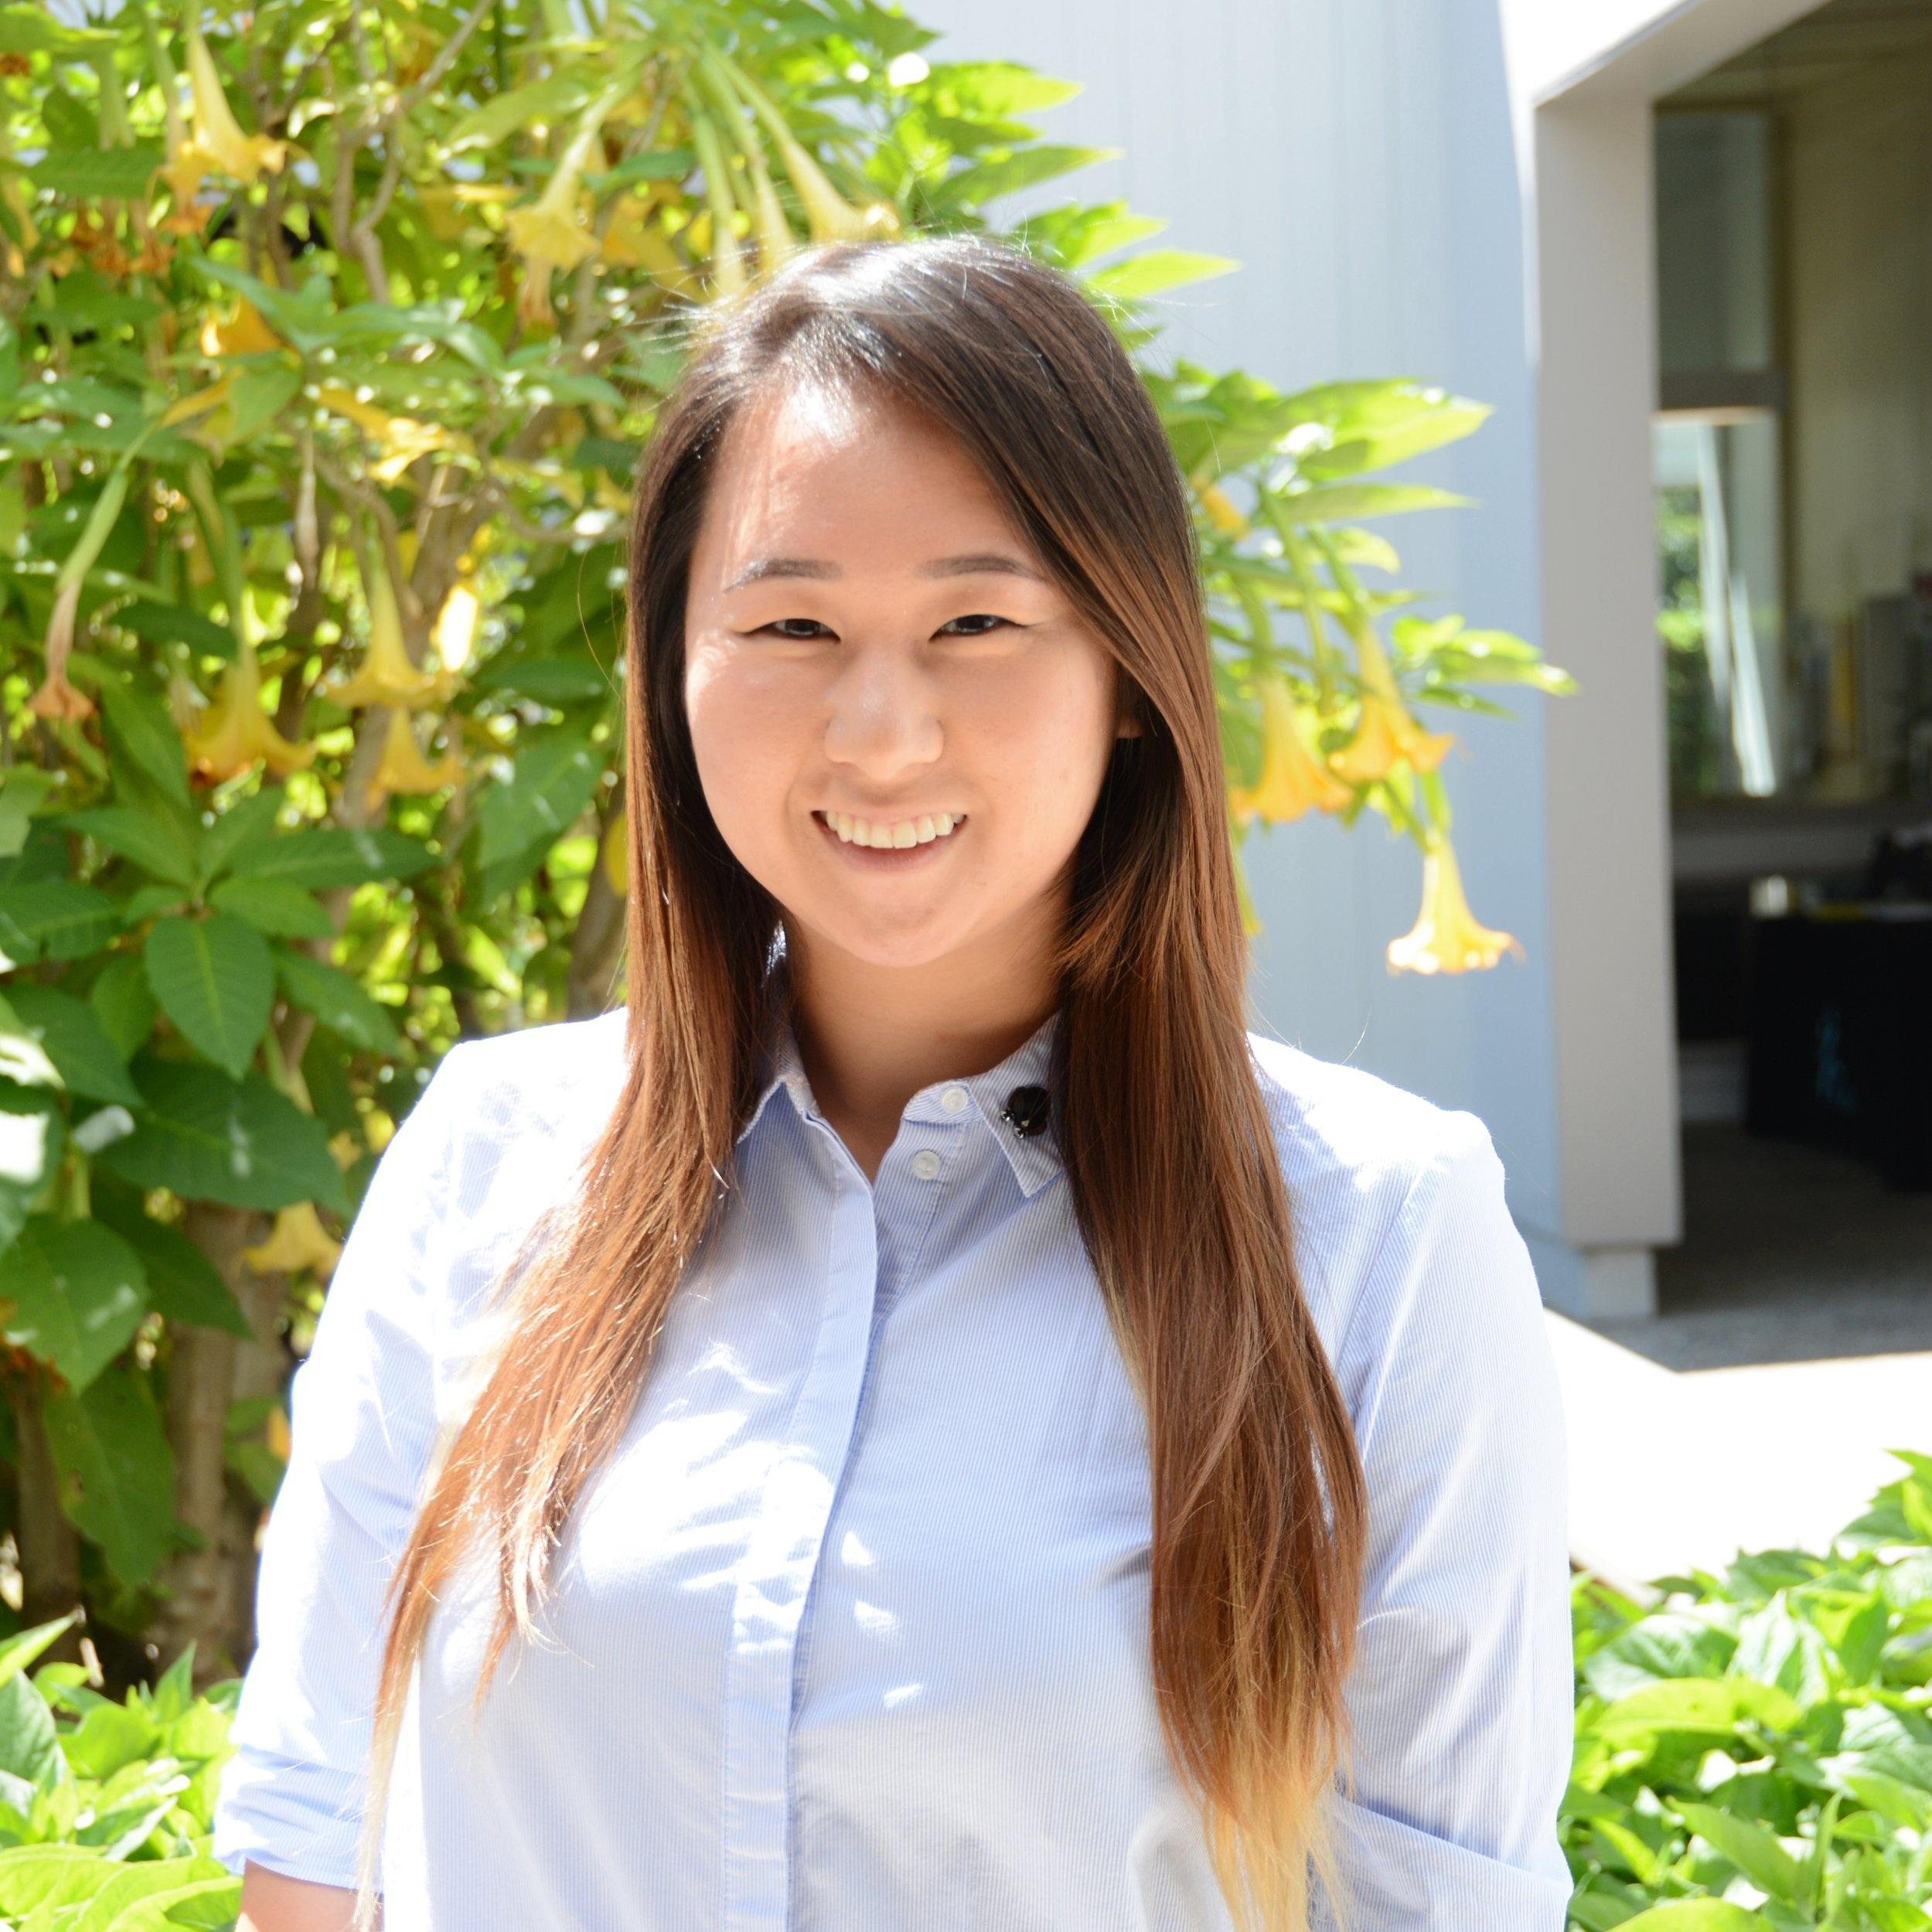 Brenda Huynh - Program Specialist Intern